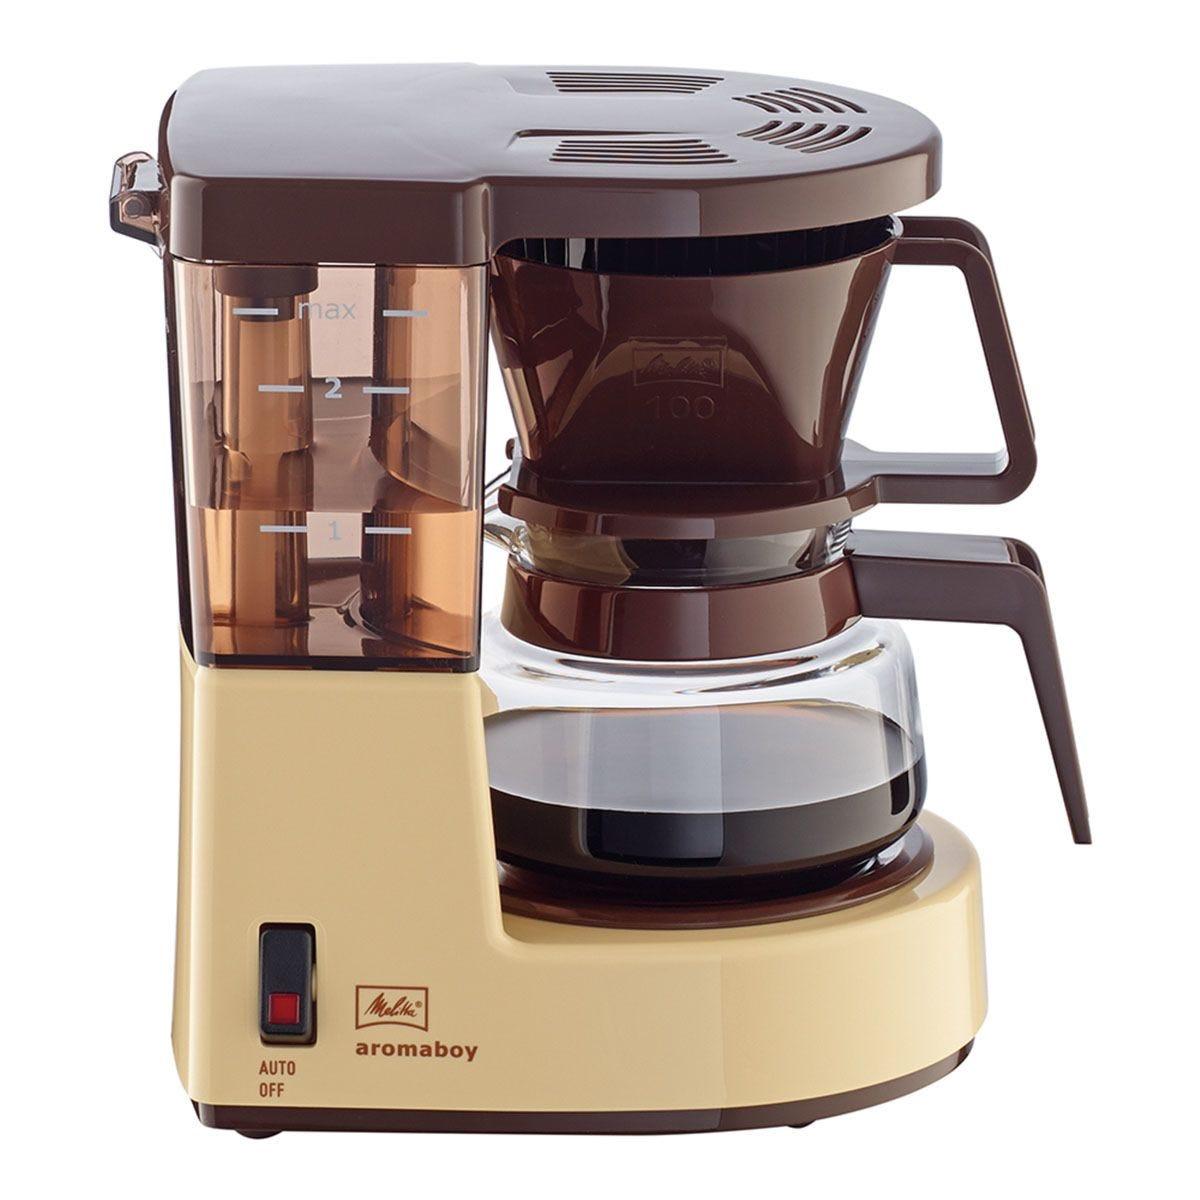 Melitta 6707231 Aromaboy 500W Filter Coffee Machine – Beige